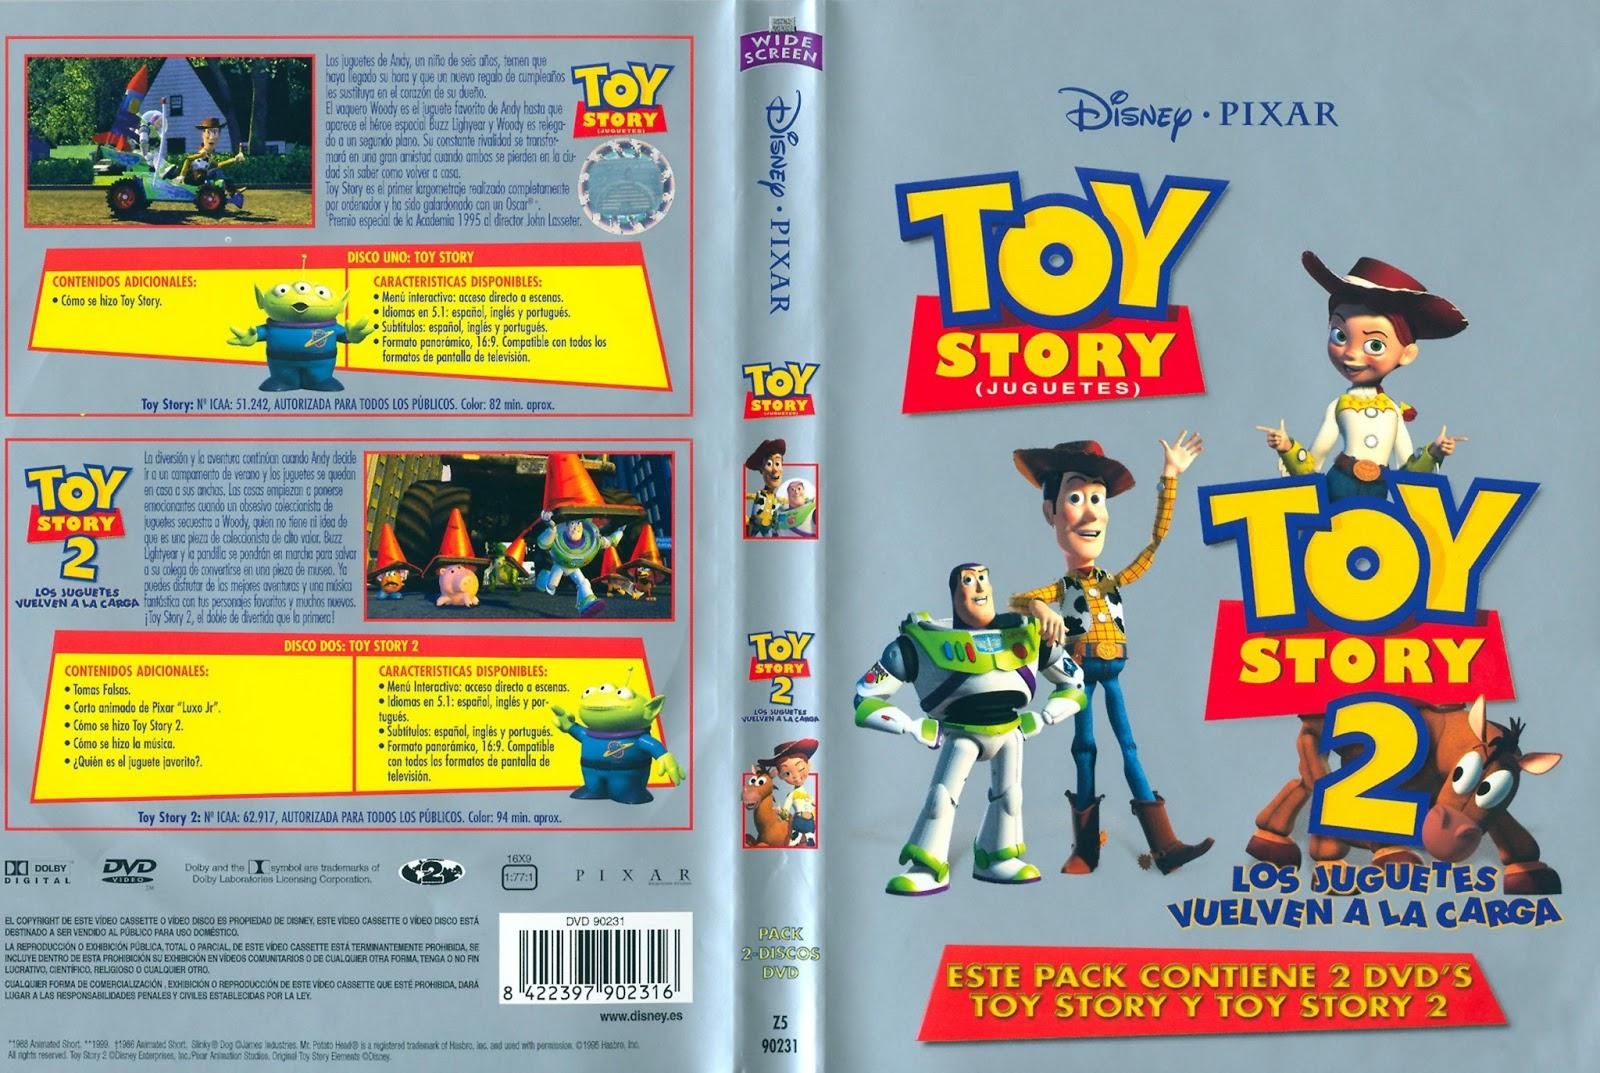 Toy Story 4 Trailer 2012 : TÓmbola disney toy story los juguetes vuelven a la carga